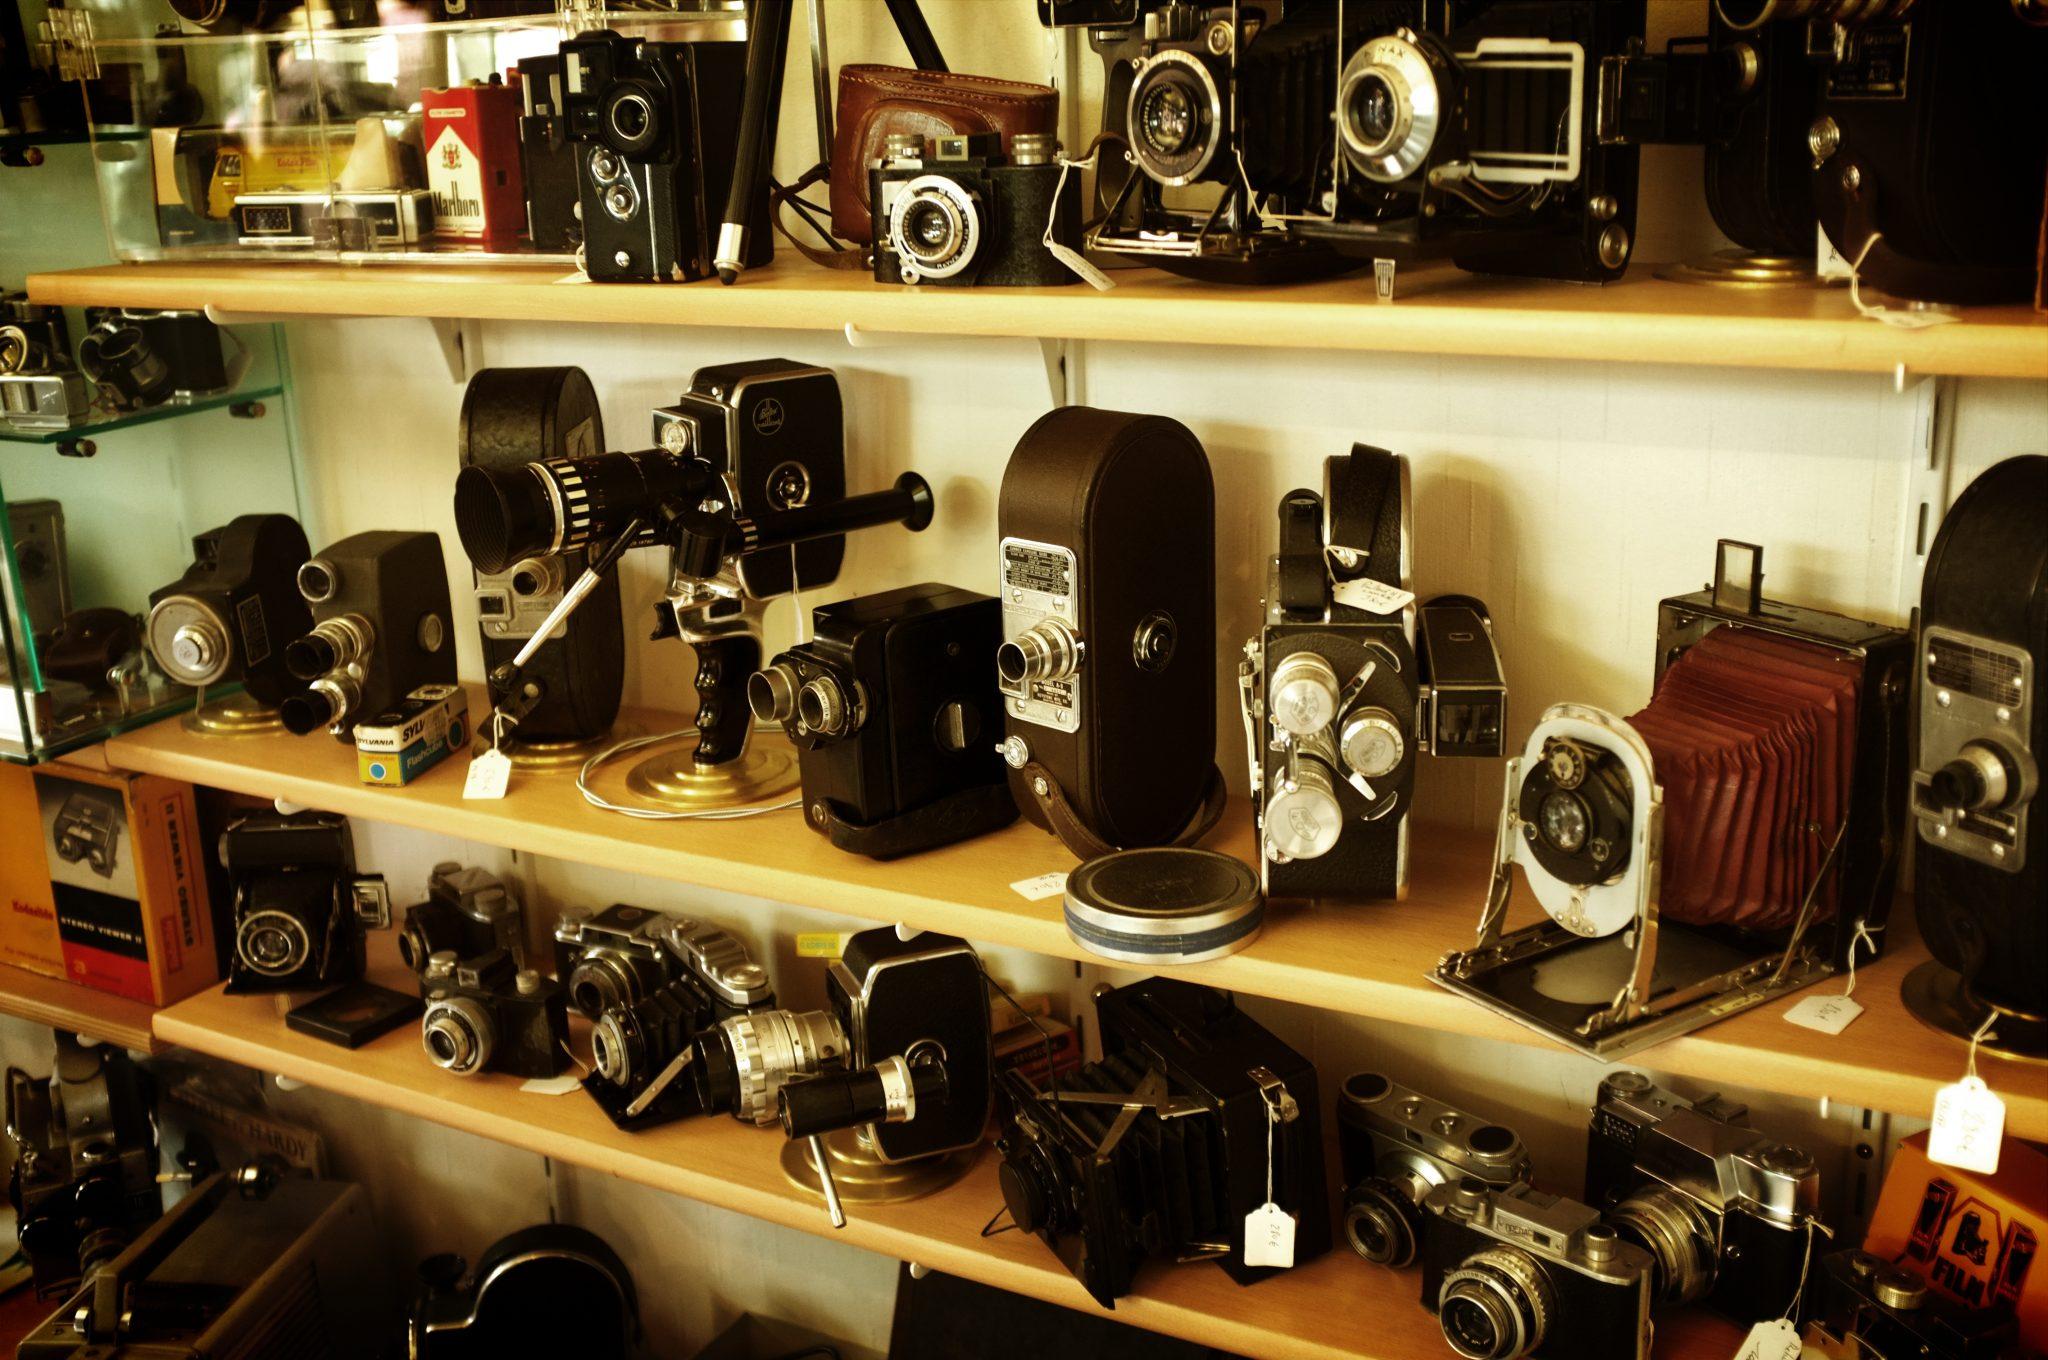 カメラメーカーを自動車メーカーに勝手に当てはめてみた